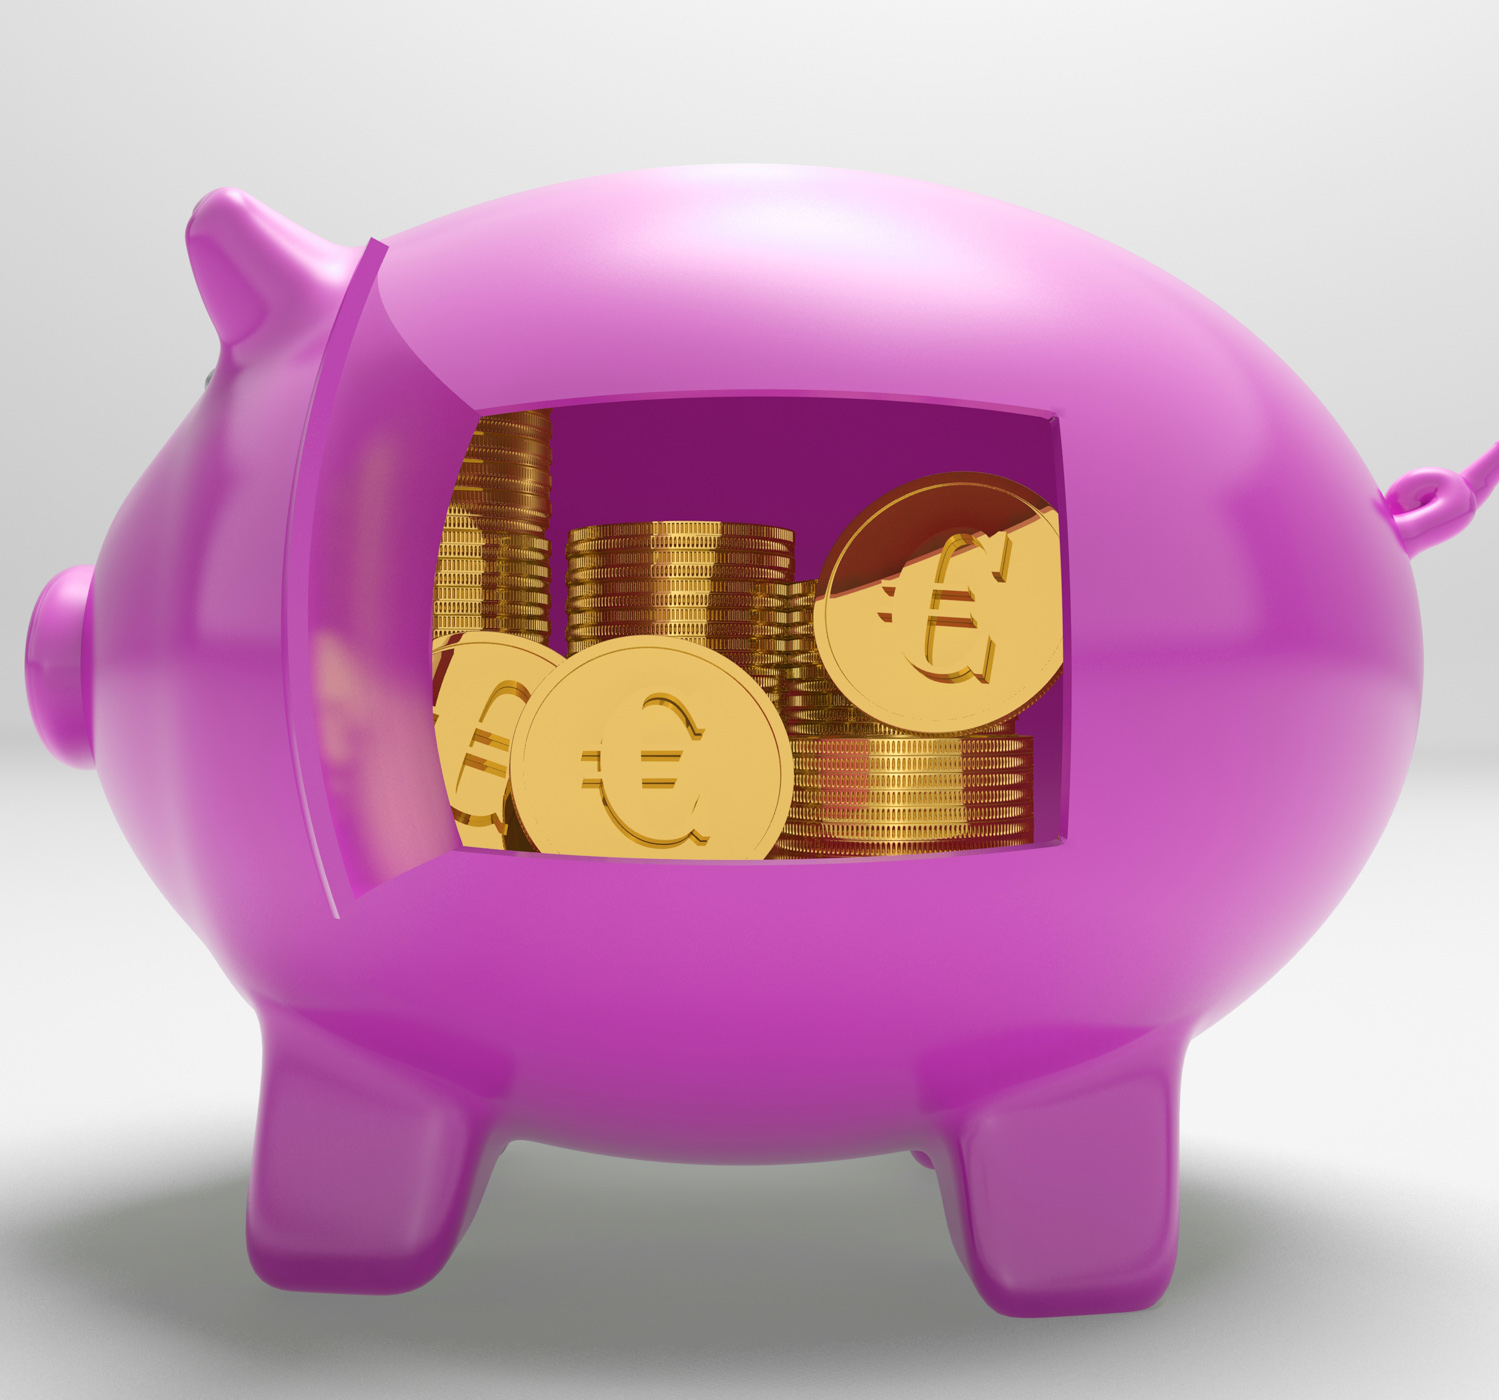 Euros In Piggy Shows Rich European Finances, Banking, Success, Security, Savings, HQ Photo